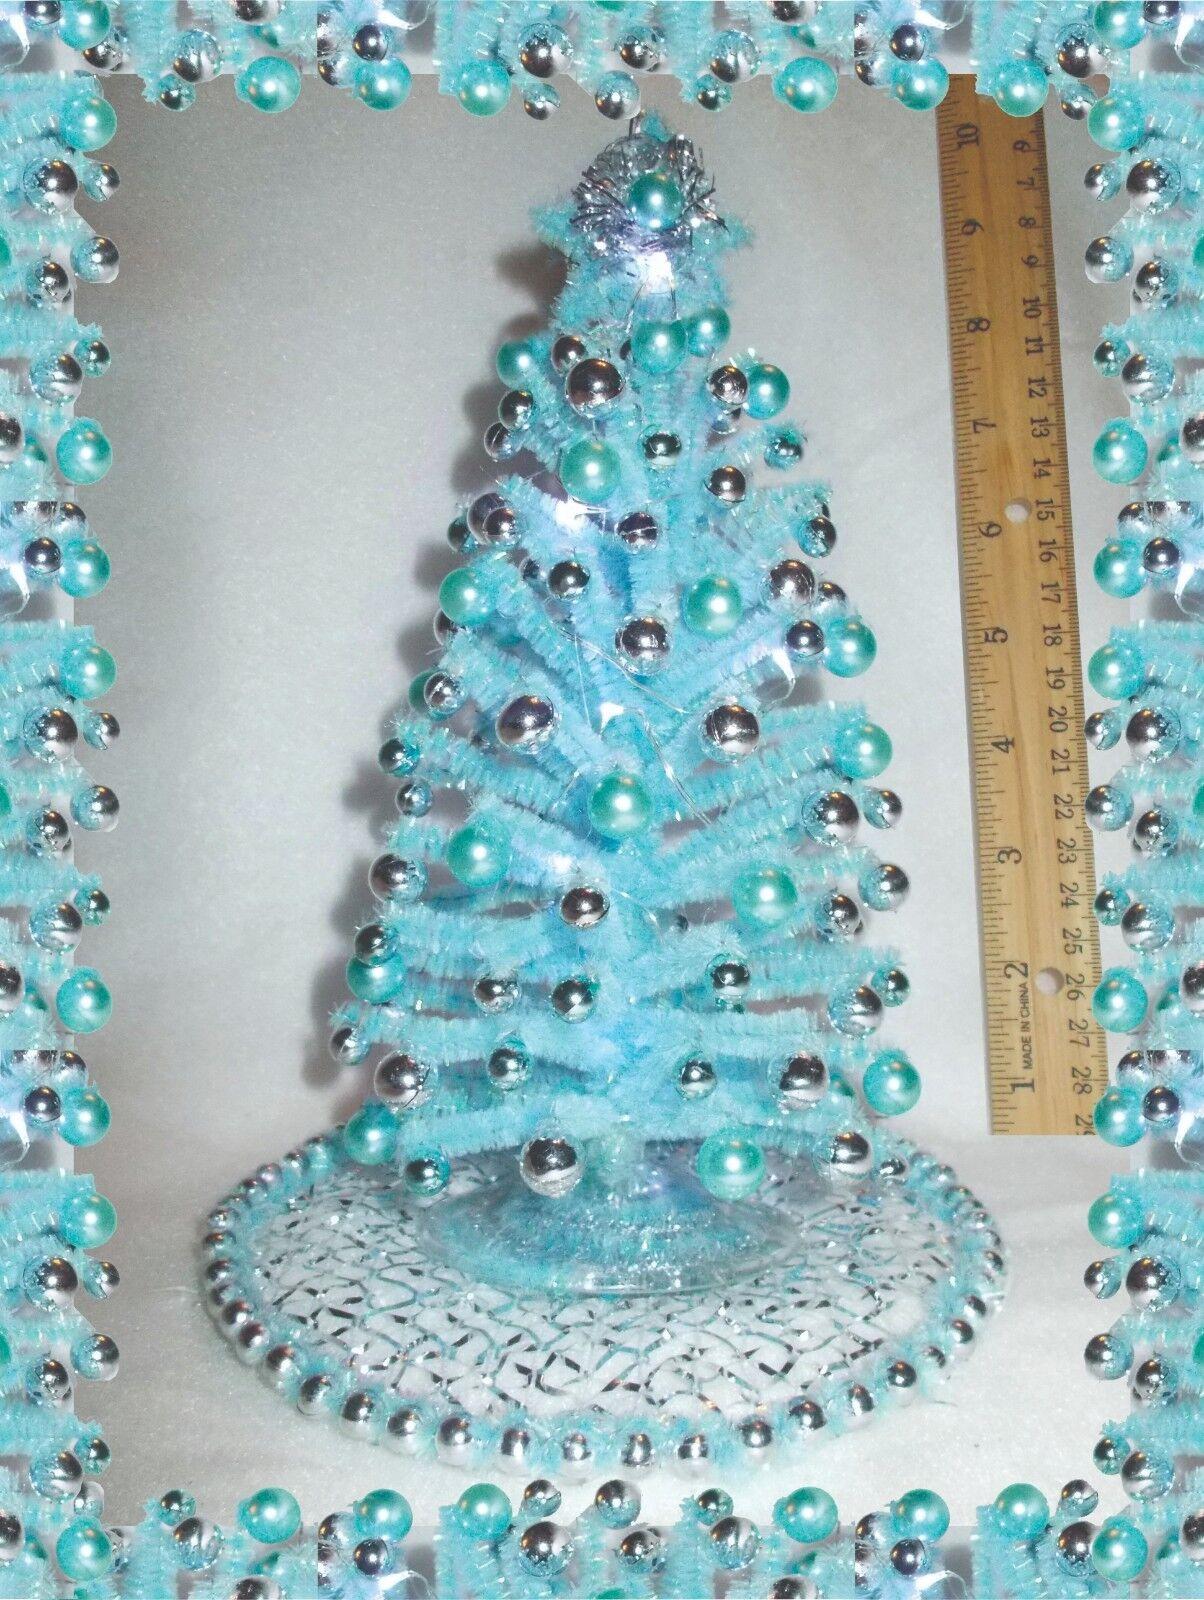 Nuevo  casa de muñecas en miniatura de ooak 8.5  Azul Iluminado árbol de Navidad de mediados de siglo moderna